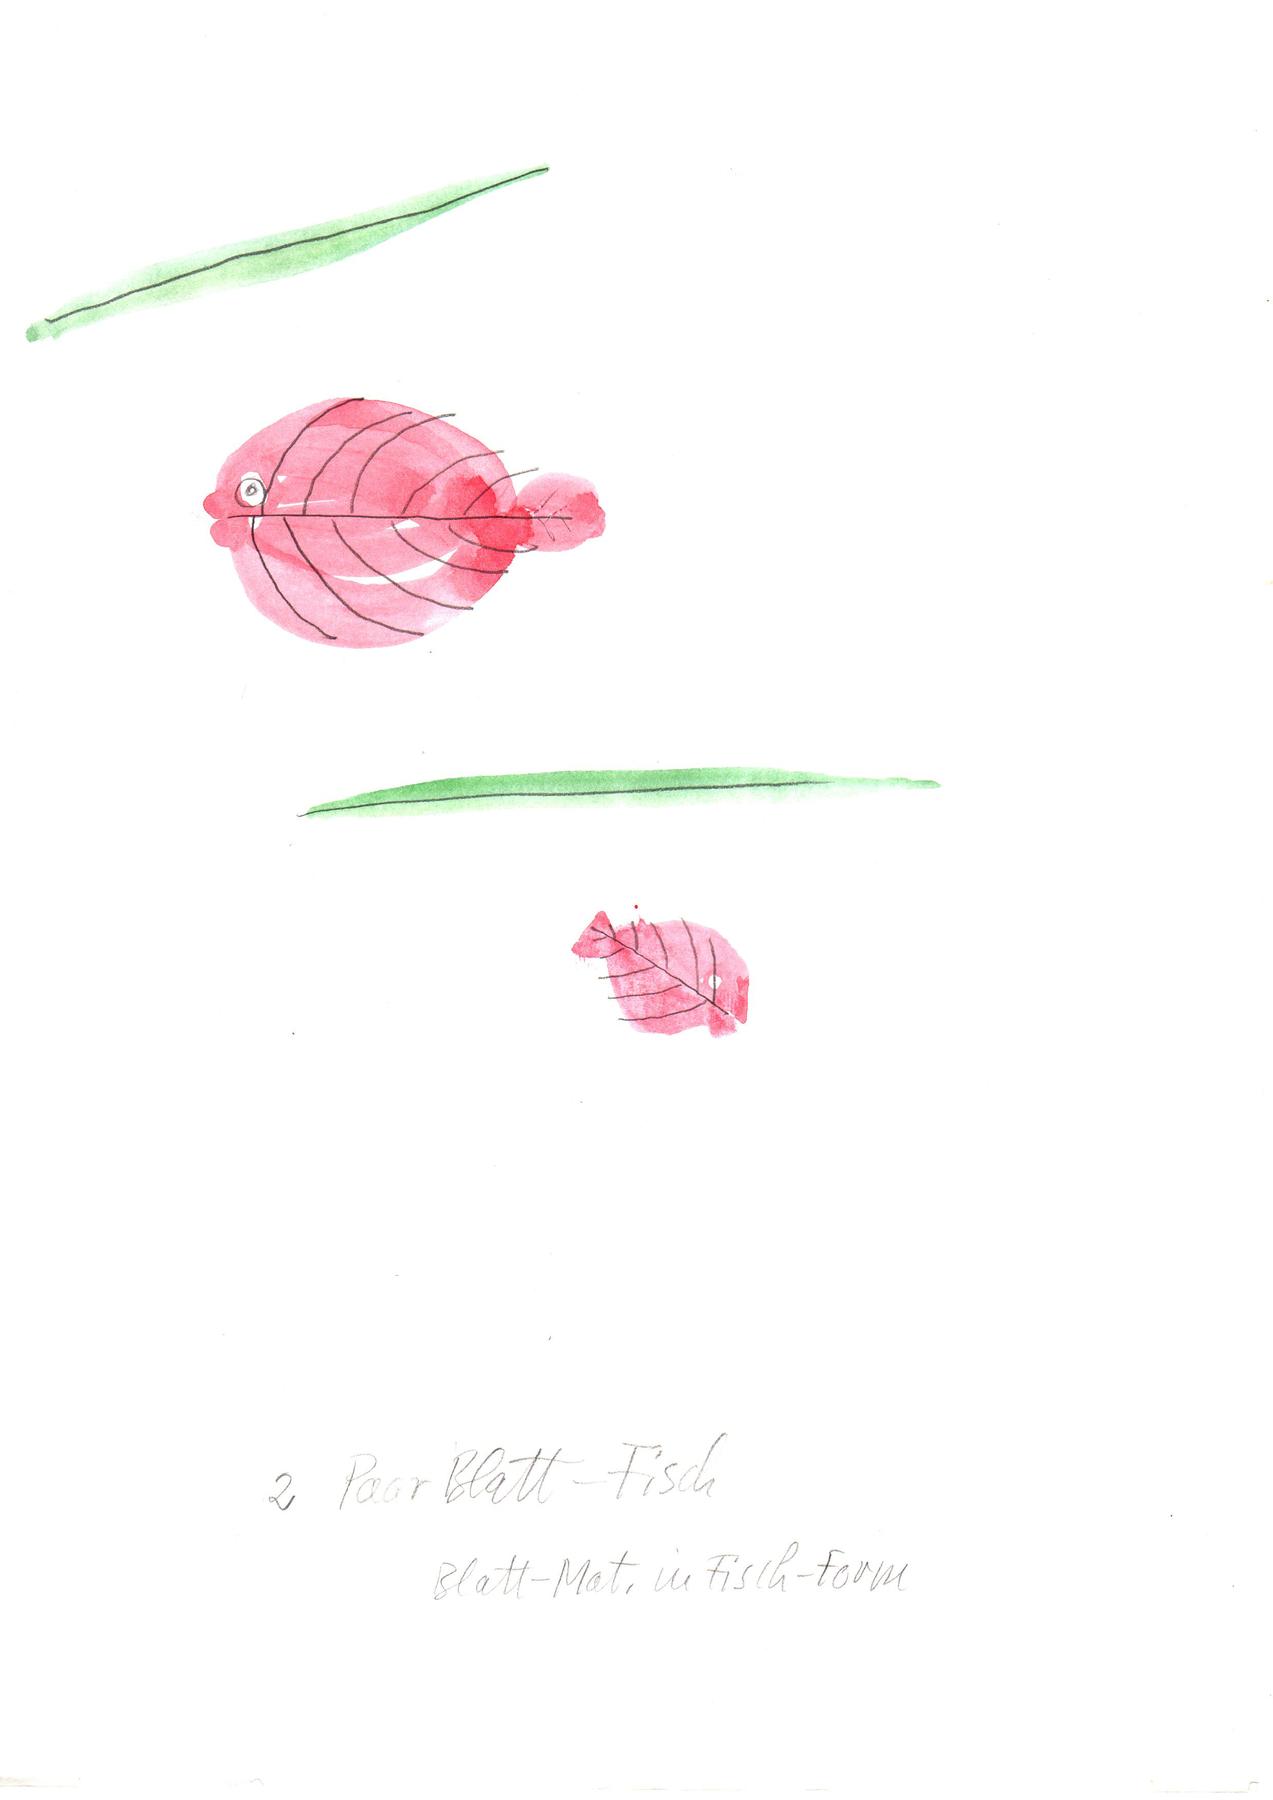 Boehmler, 2 Paar Blatt Fisch, 1997, 29,7x21cm